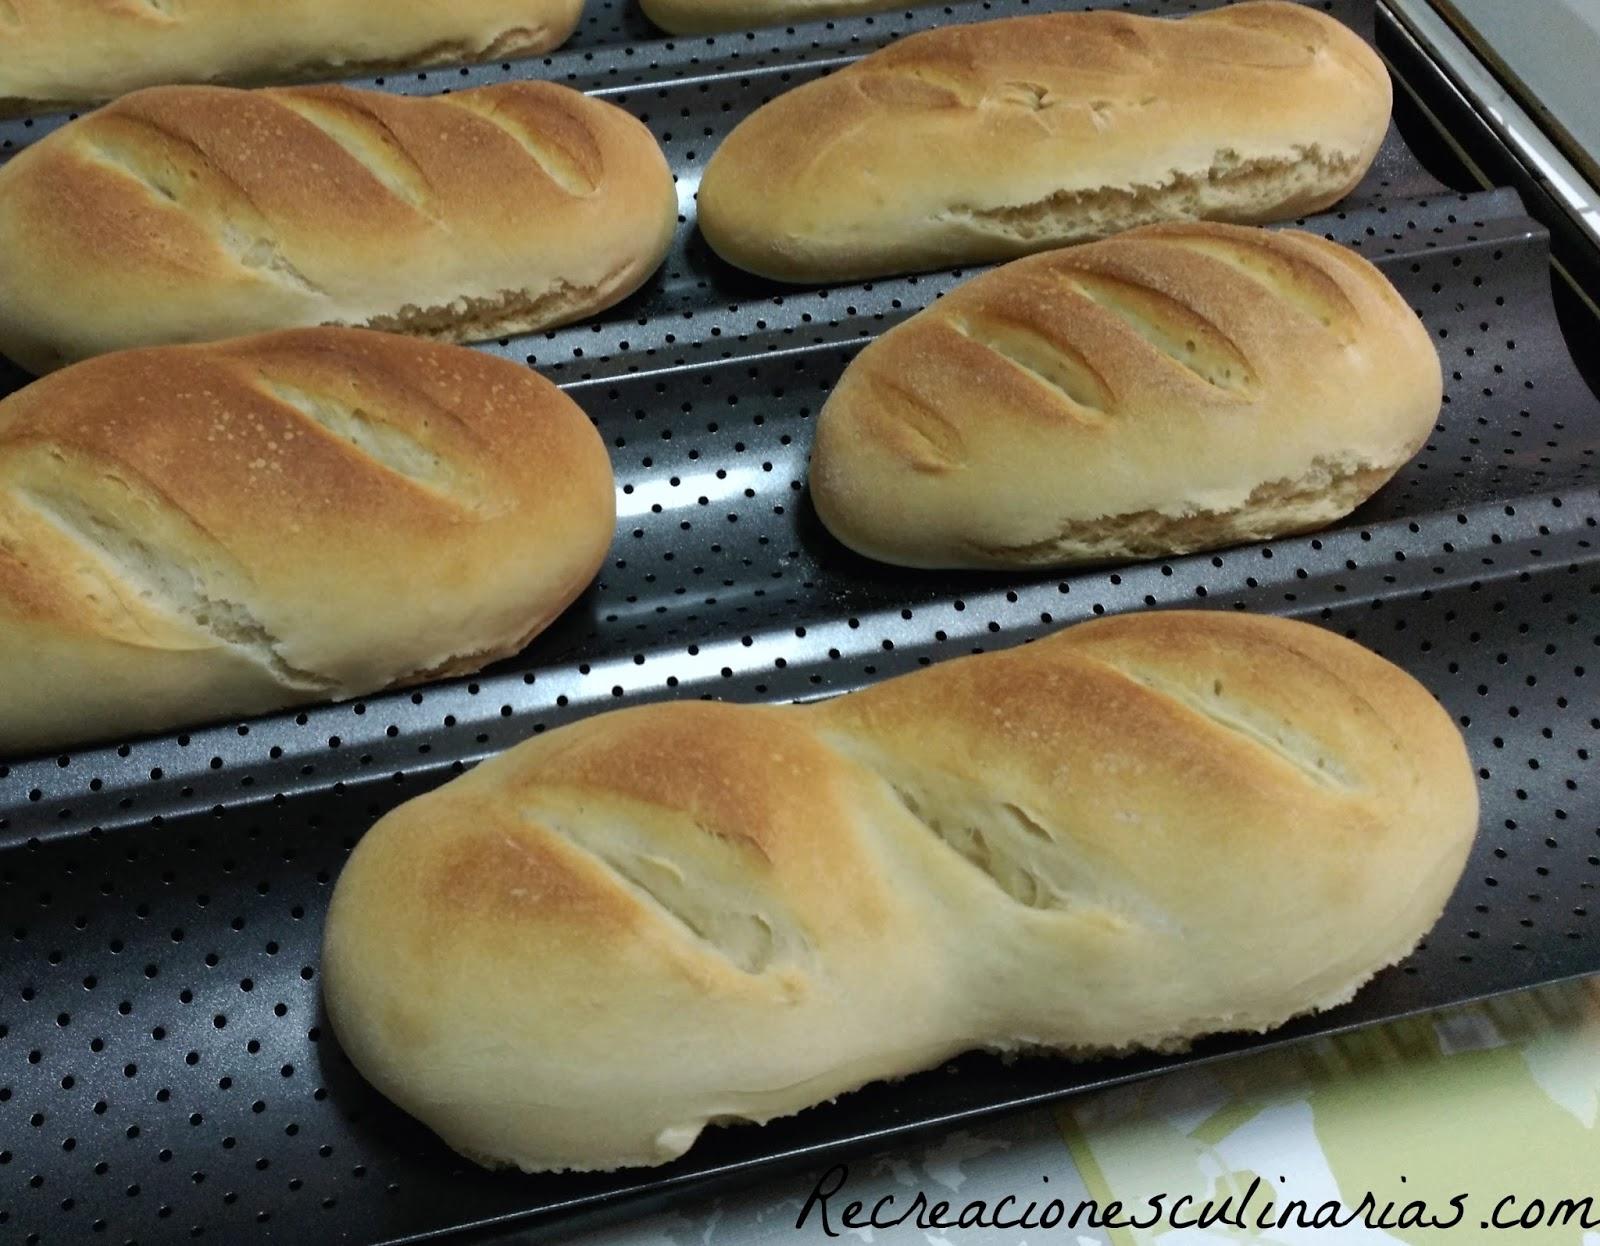 http://www.recreacionesculinarias.com/2015/04/panecillos-de-desayuno.html